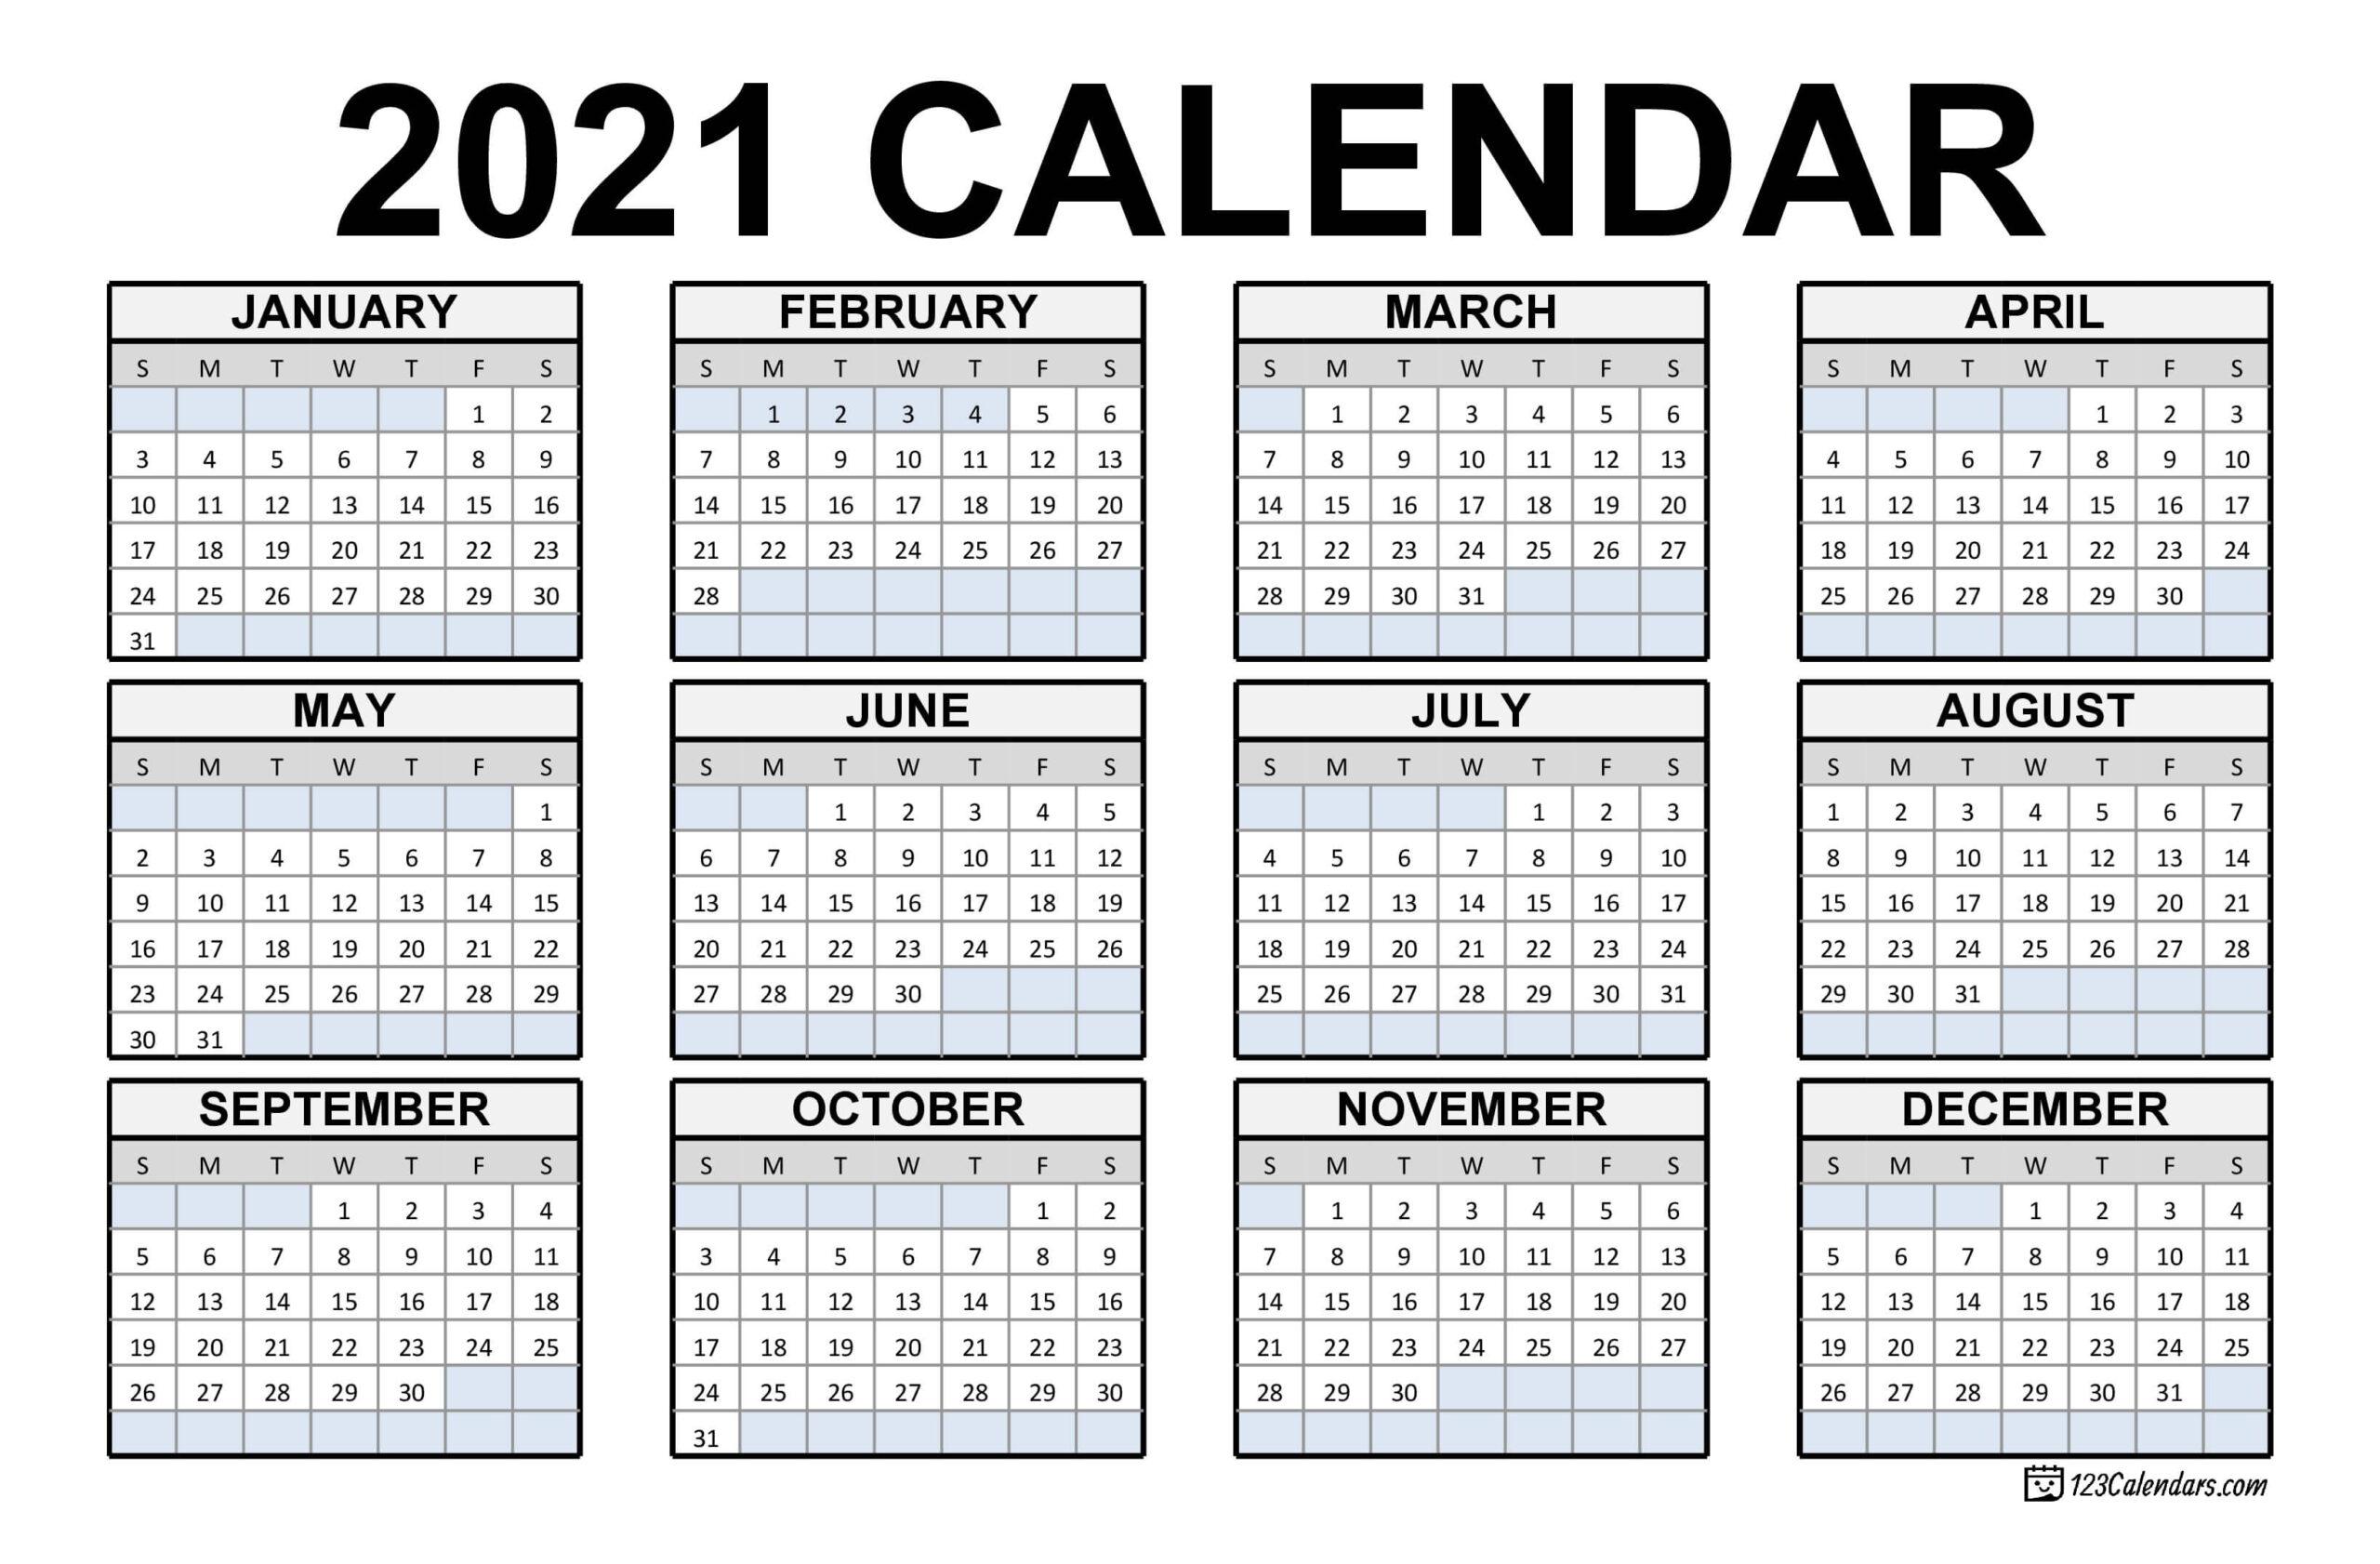 2021 Printable Calendar | 123Calendars regarding Printable Fill In Calendar 2021